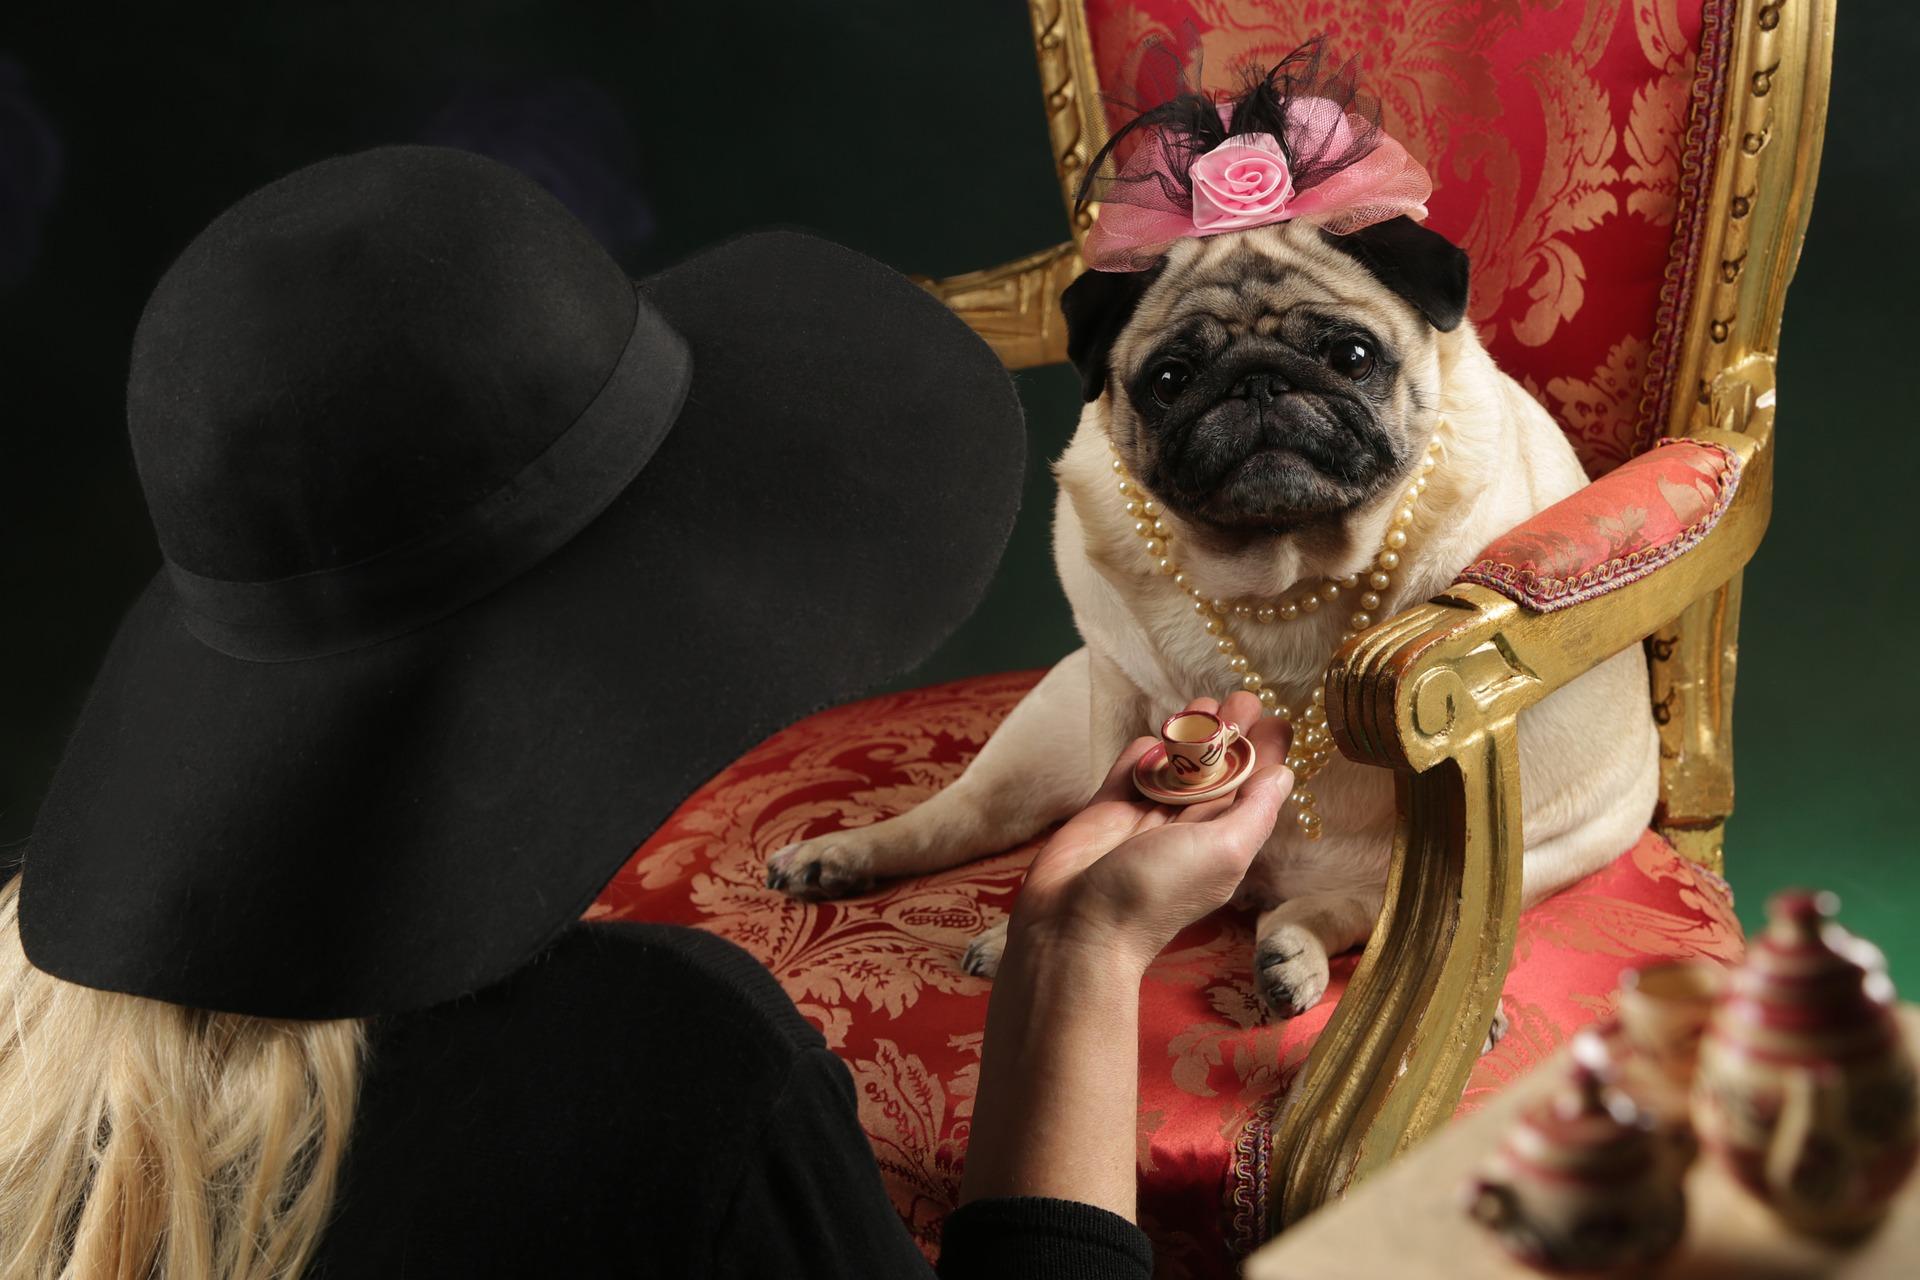 犬にコーヒーを与えるのはダメ?その理由と対処法紹介!